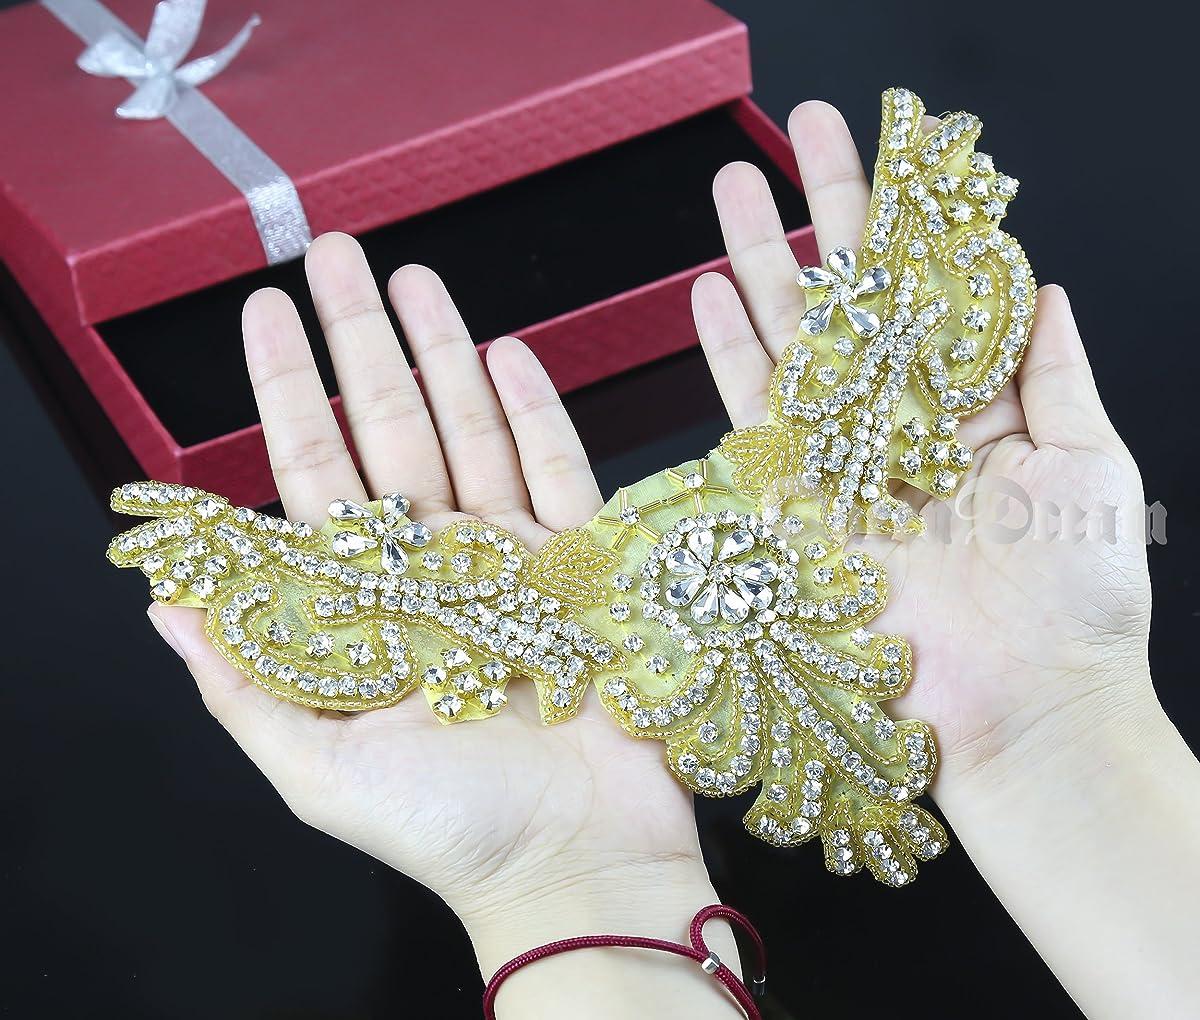 Gold Applique Rhinestone Wedding Applique Vintage Bridal Applique Bead Applique Wedding Headband Headpiece